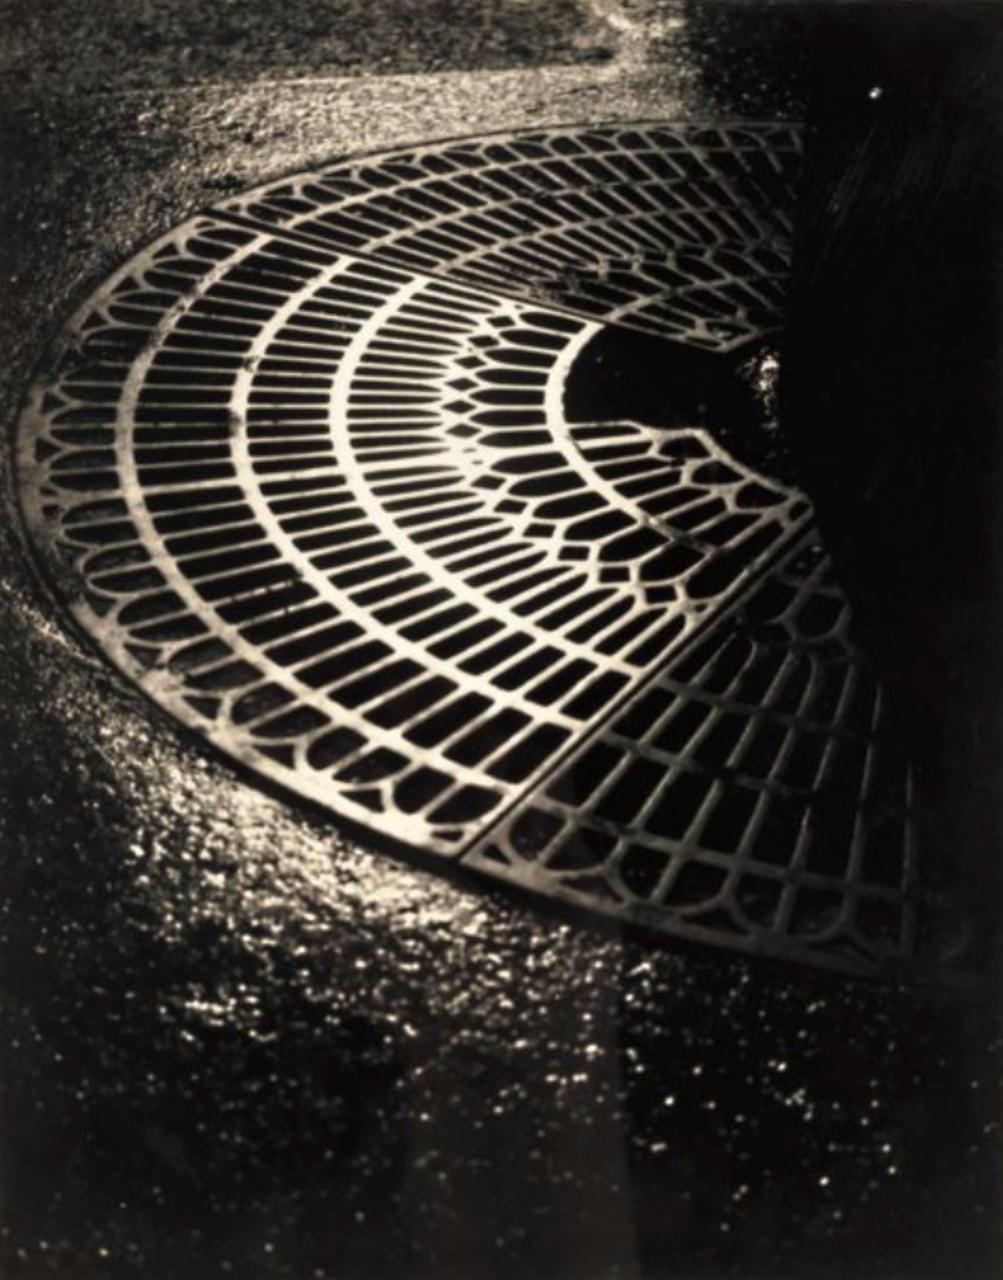 1932. Канализационная решетка возле больших деревьев в городе